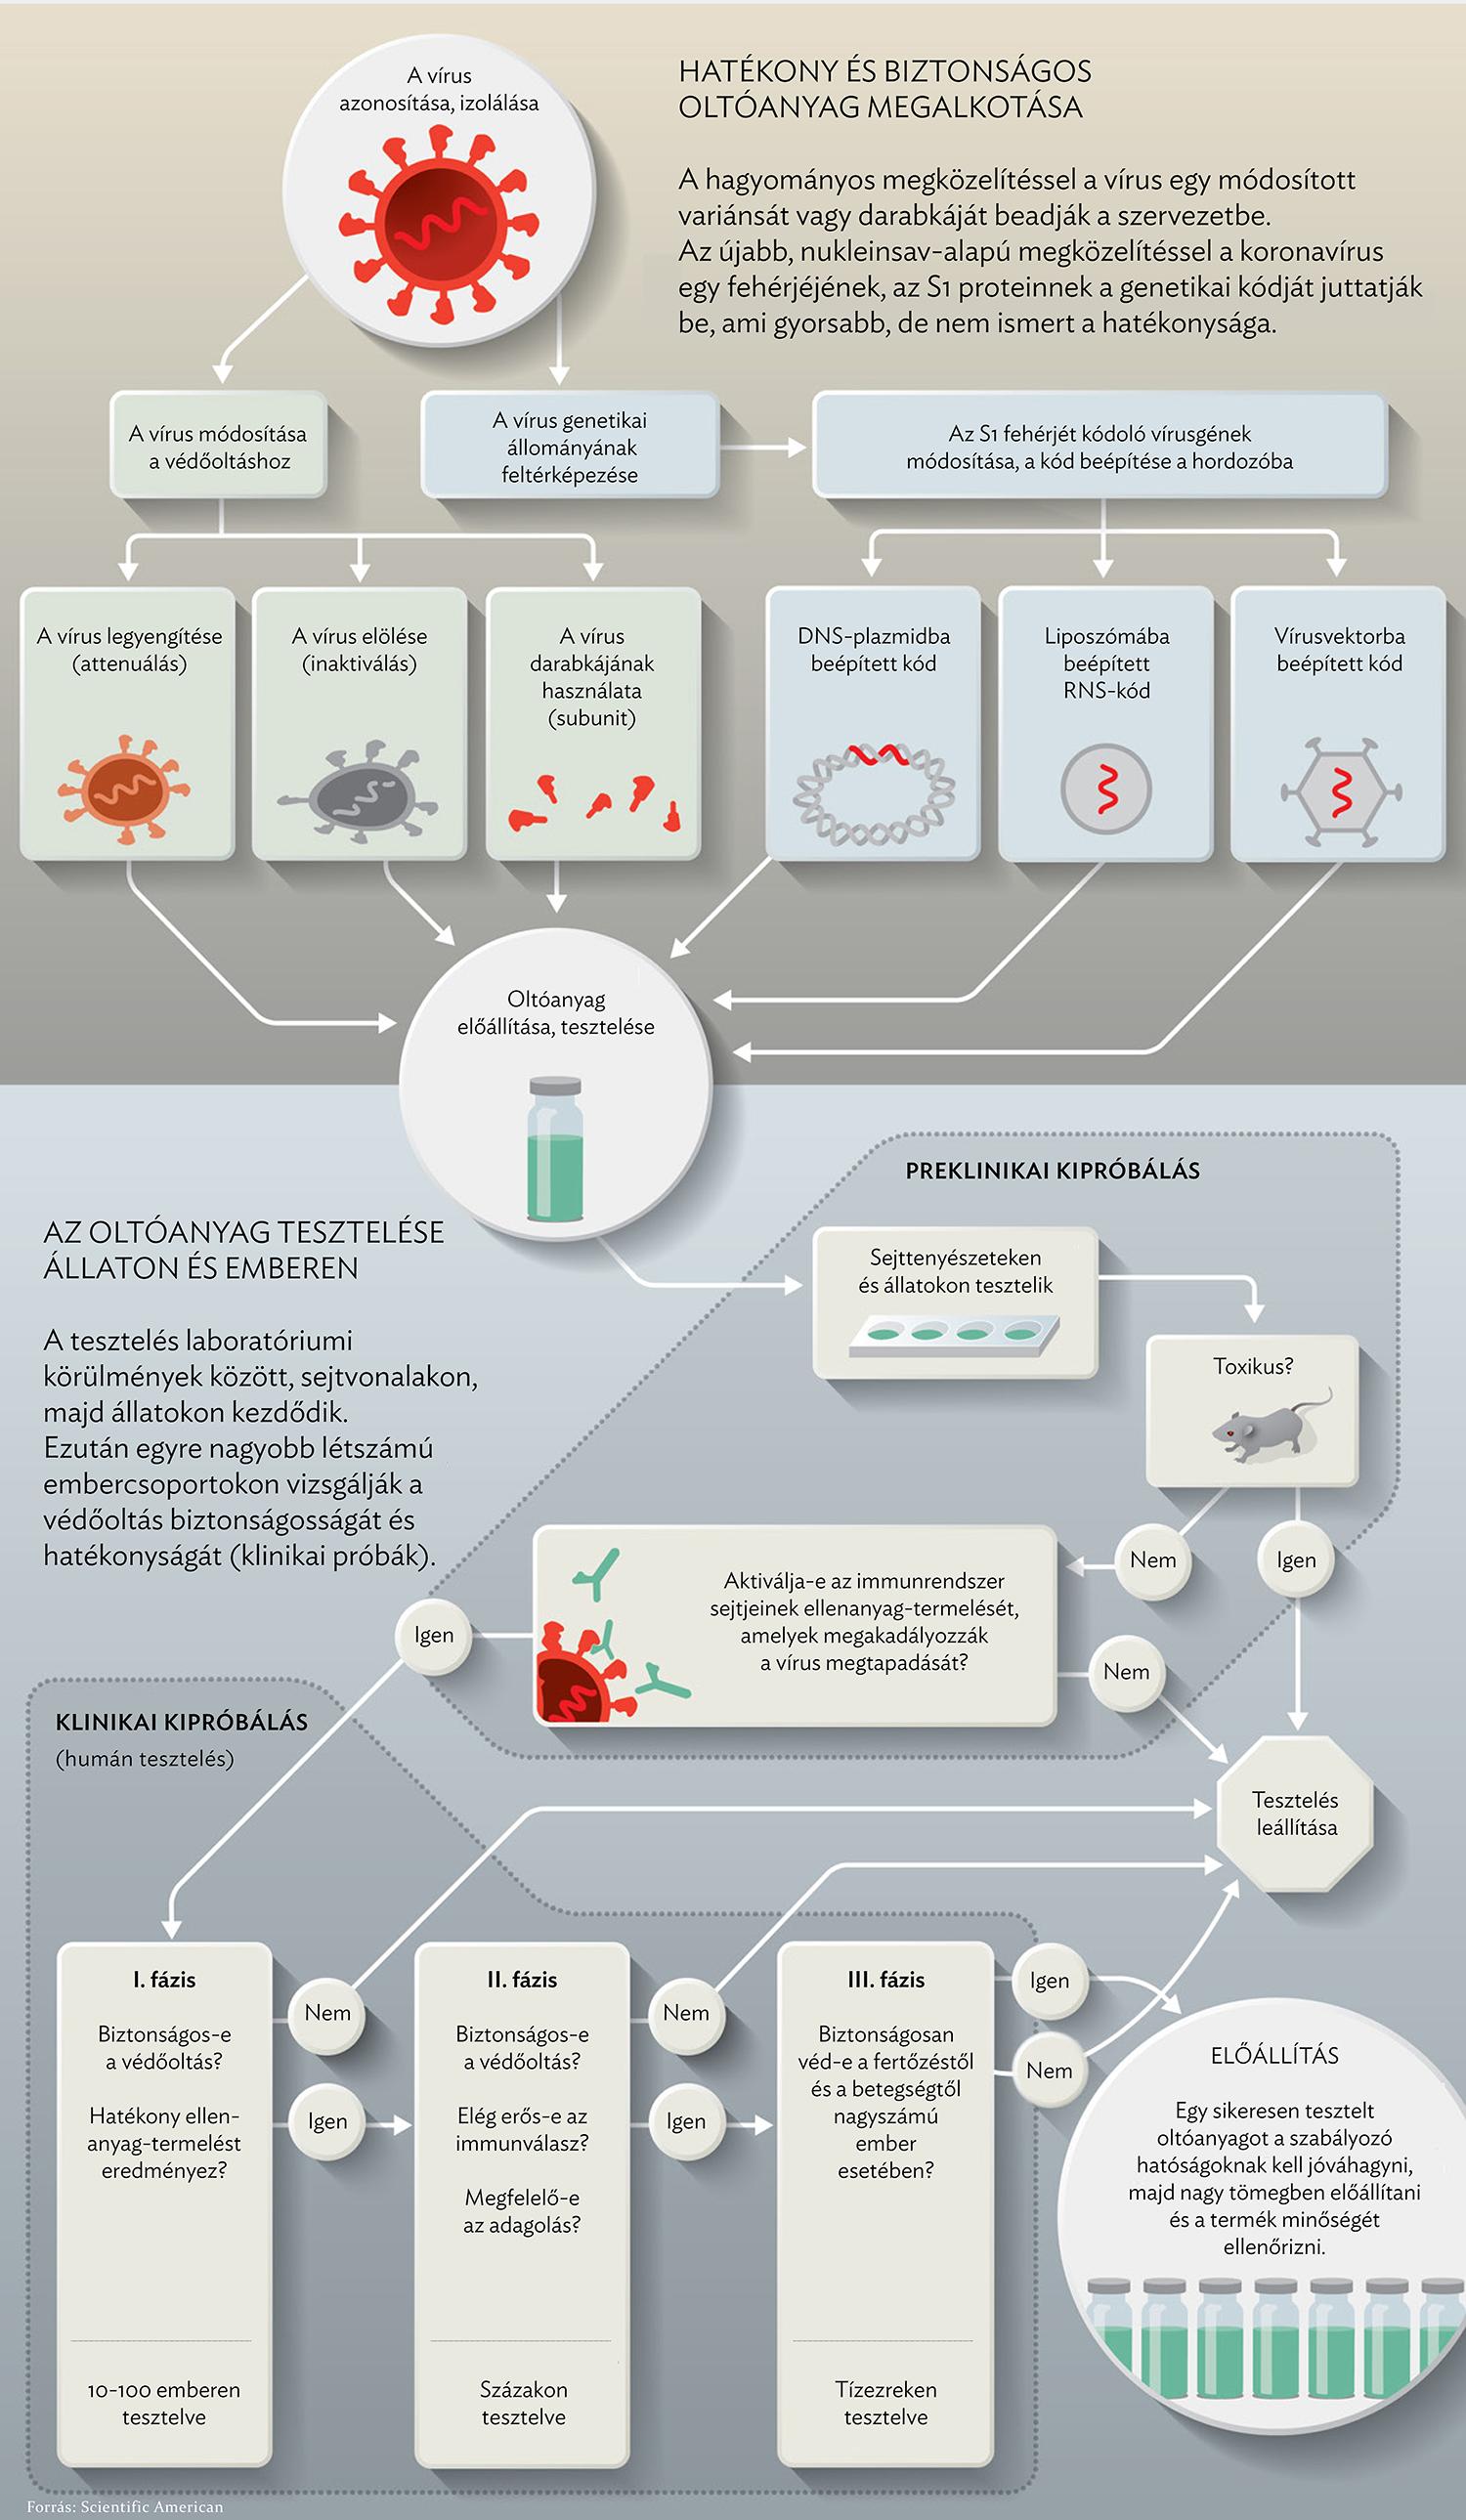 a hpv vakcina mellékhatásai meddig